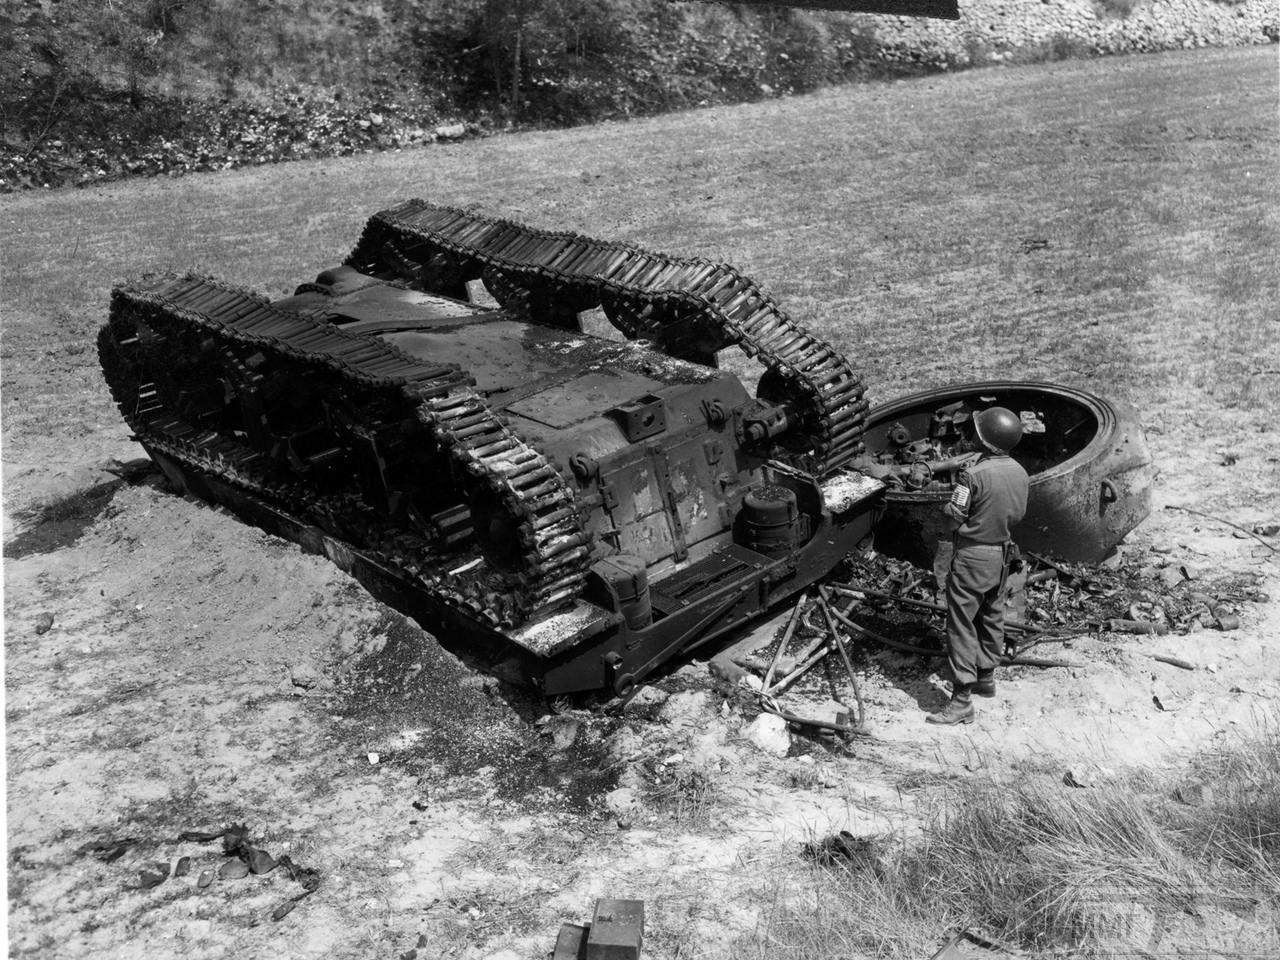 102949 - Военное фото 1939-1945 г.г. Западный фронт и Африка.